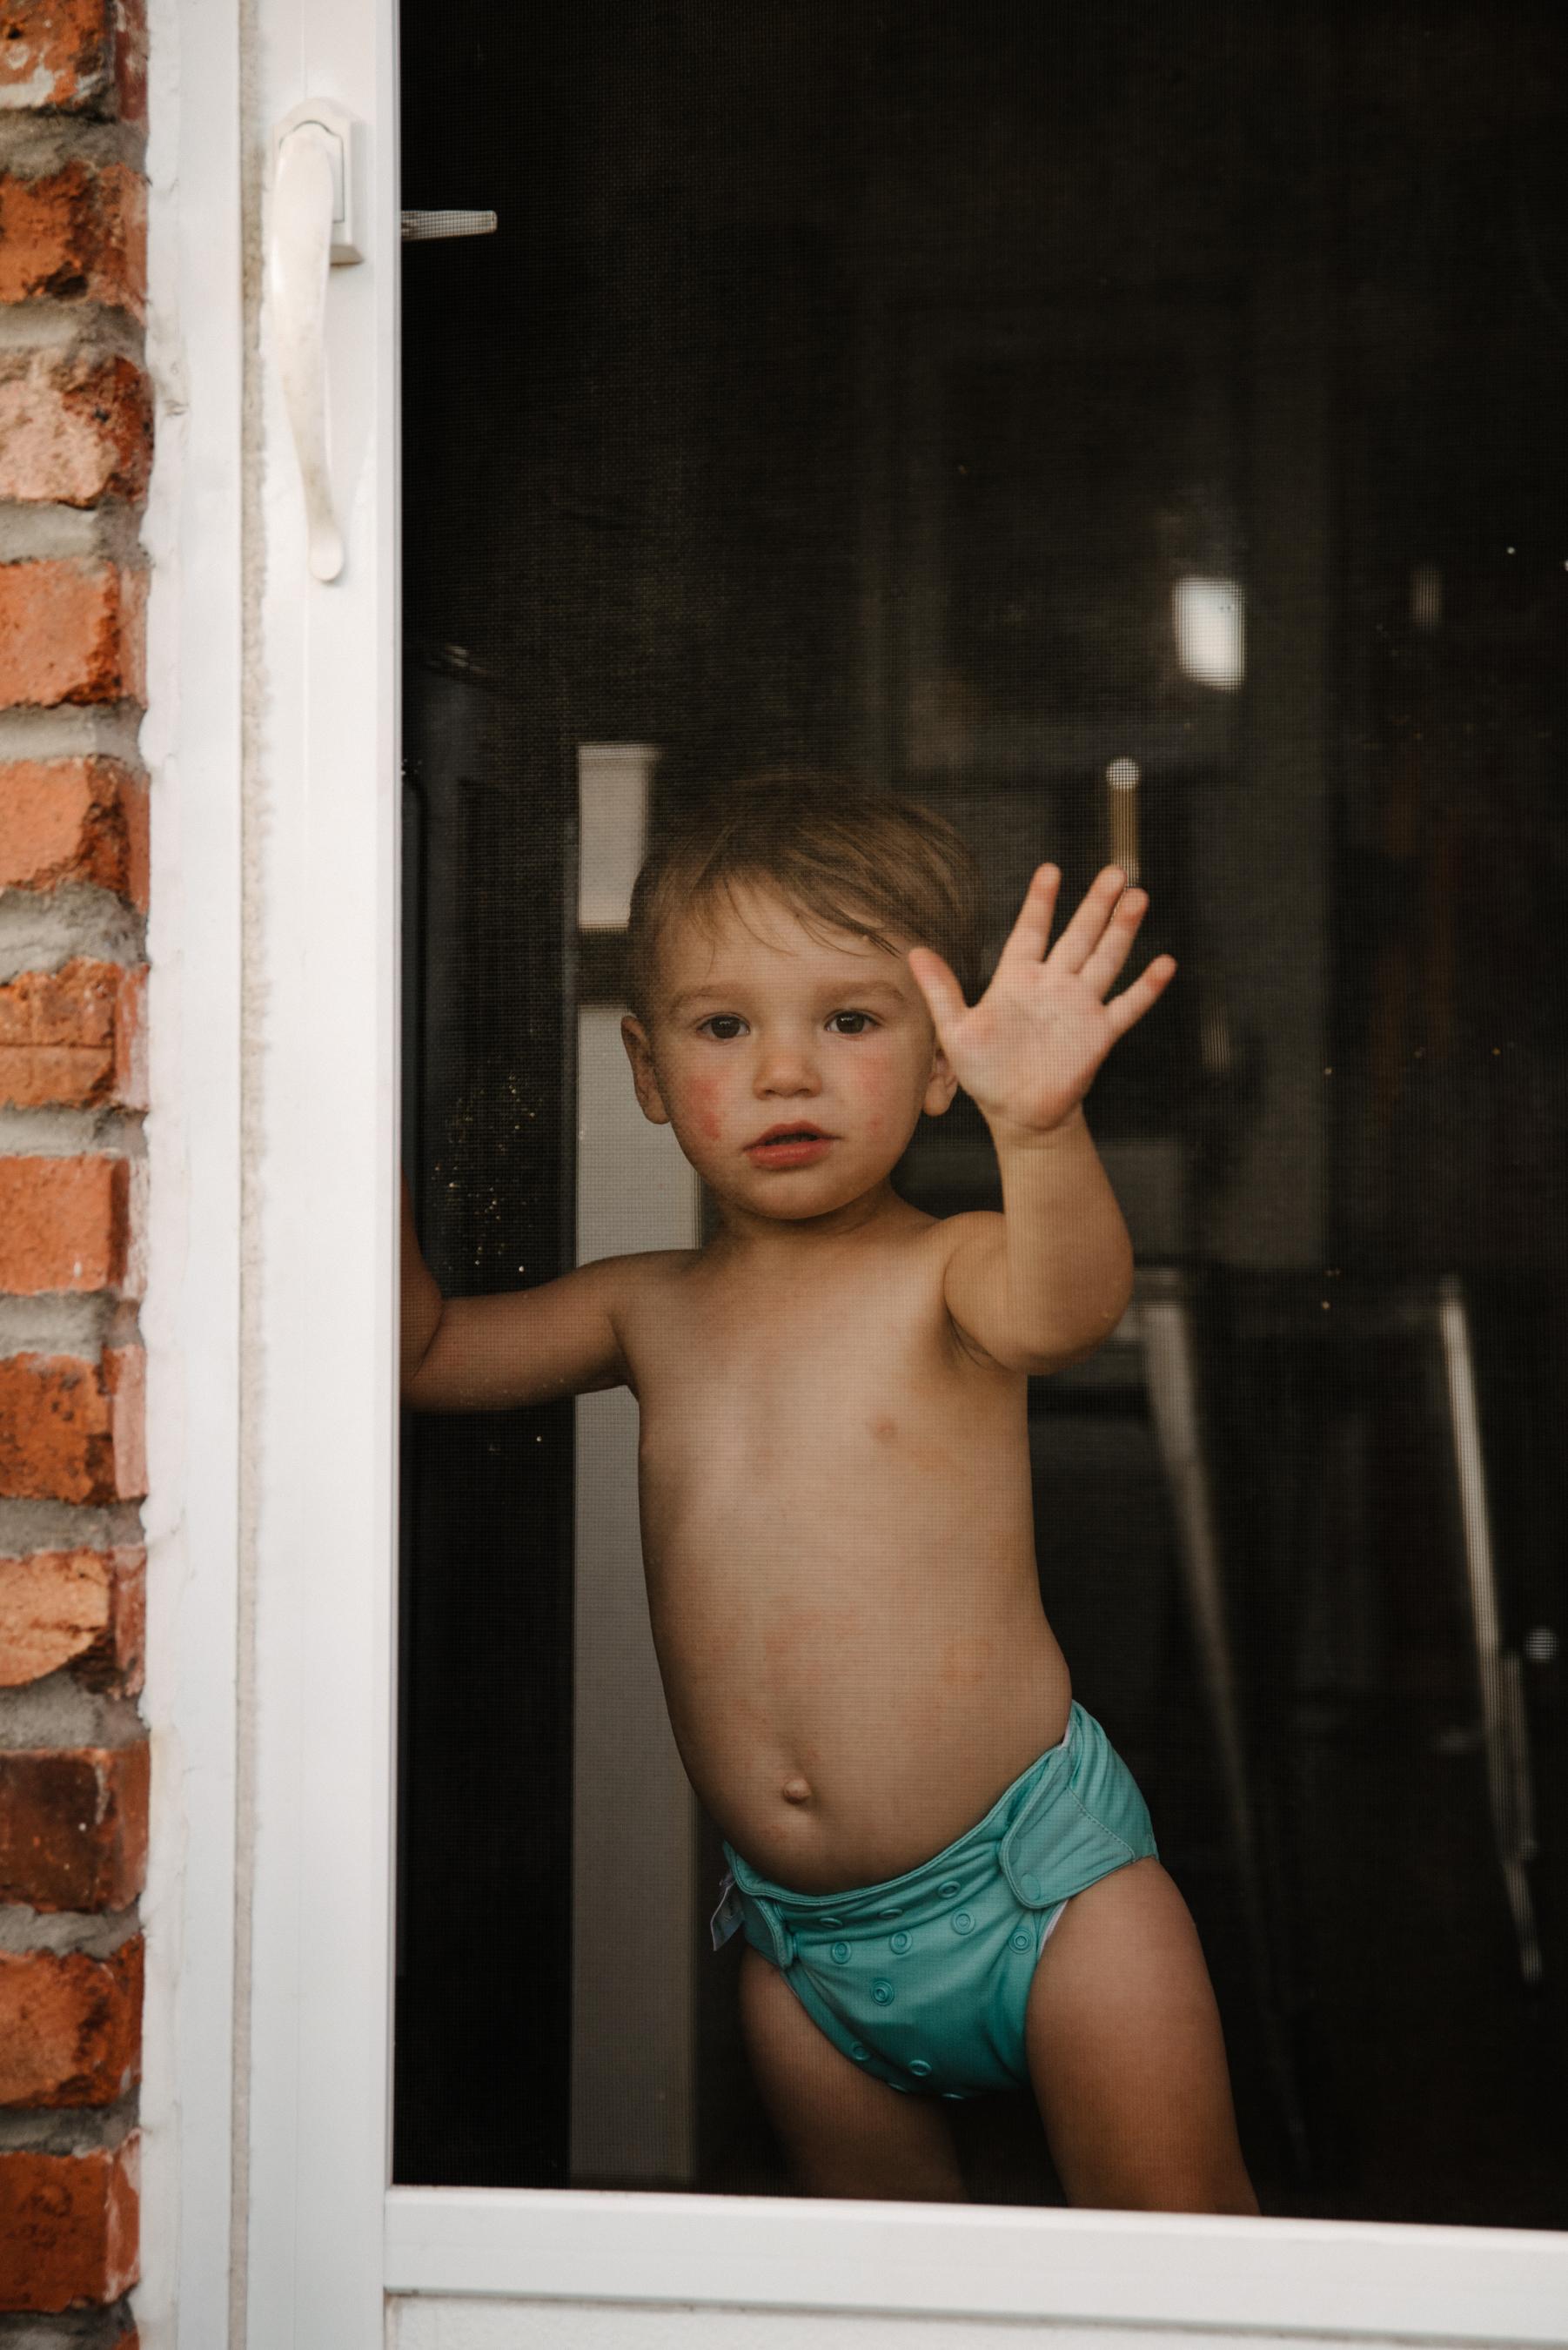 photo-d-un-enfant-en-couche-par-une-porte-moustiquaire-photographe-lifestyle-famille-et-nouveau-ne-a-montreal-marianne-charland-076.jpg